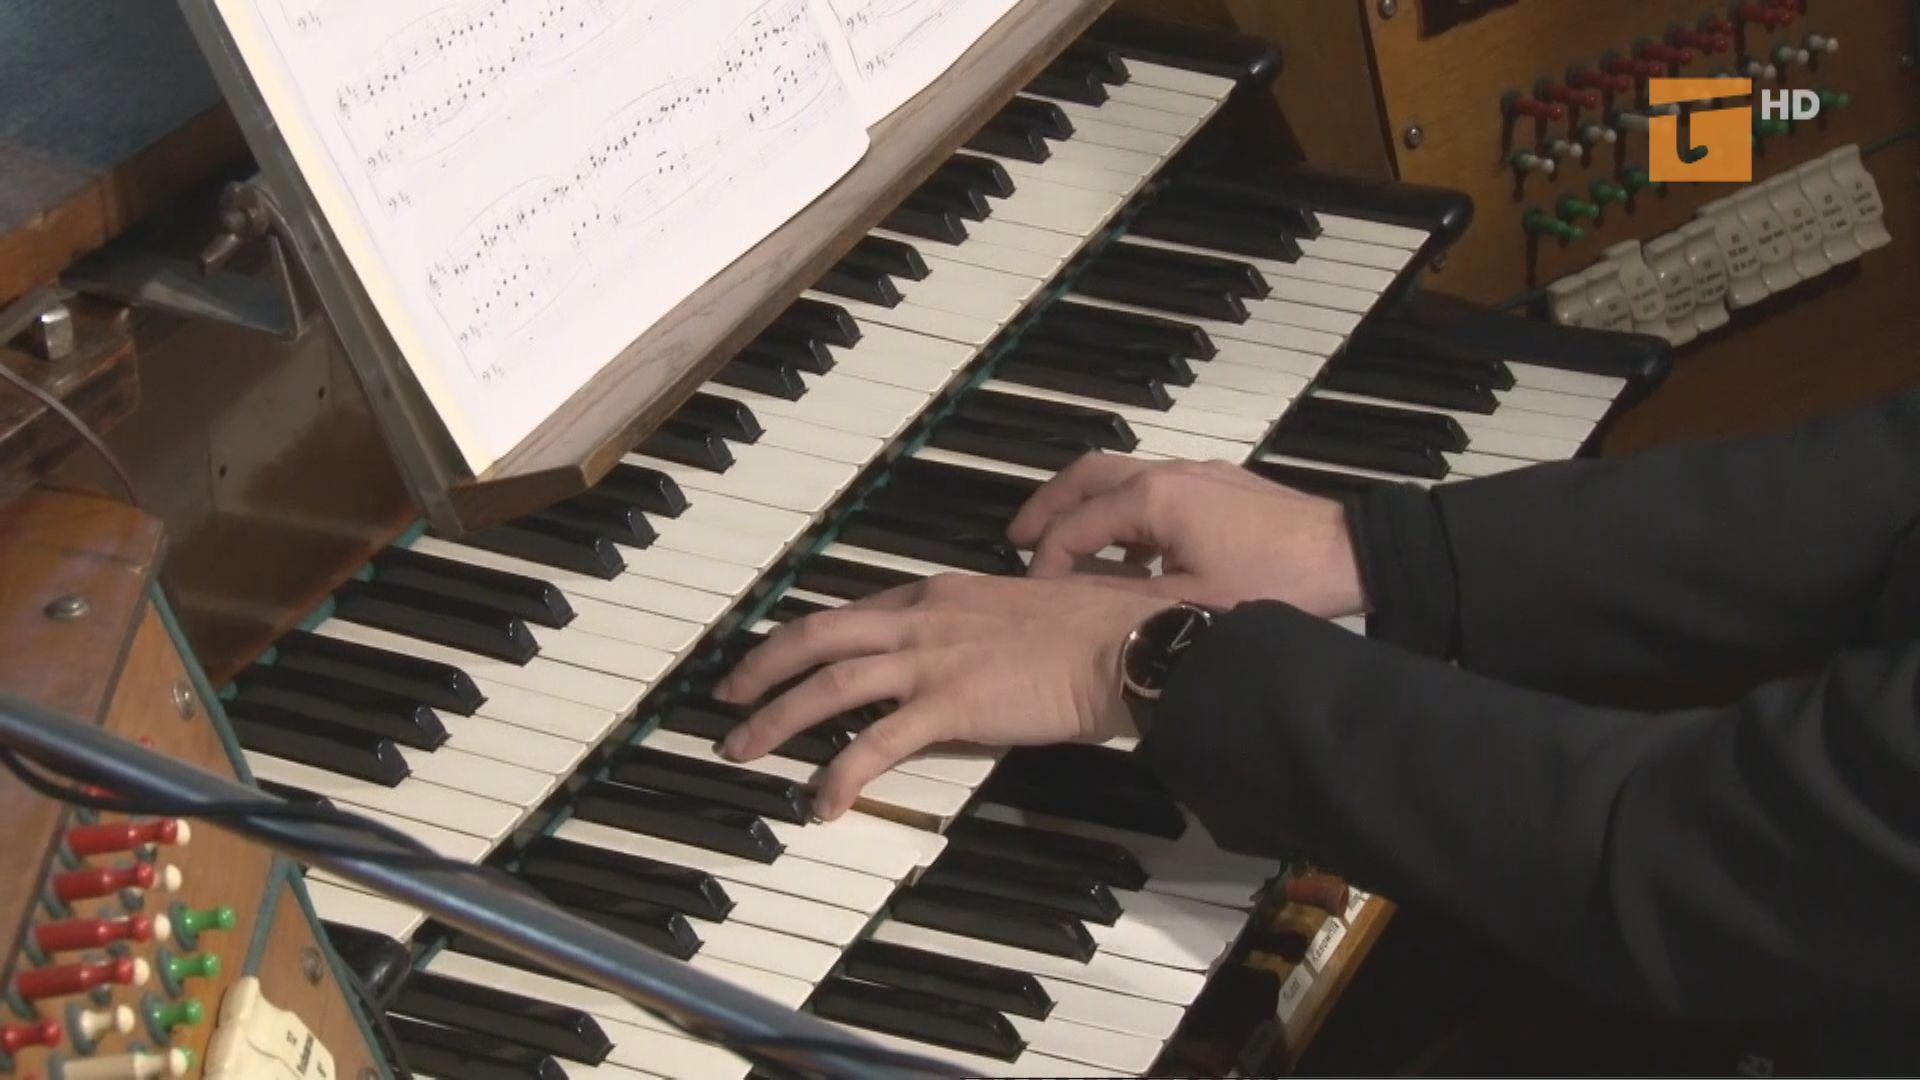 Wieczory organowe znów w św. Józefie